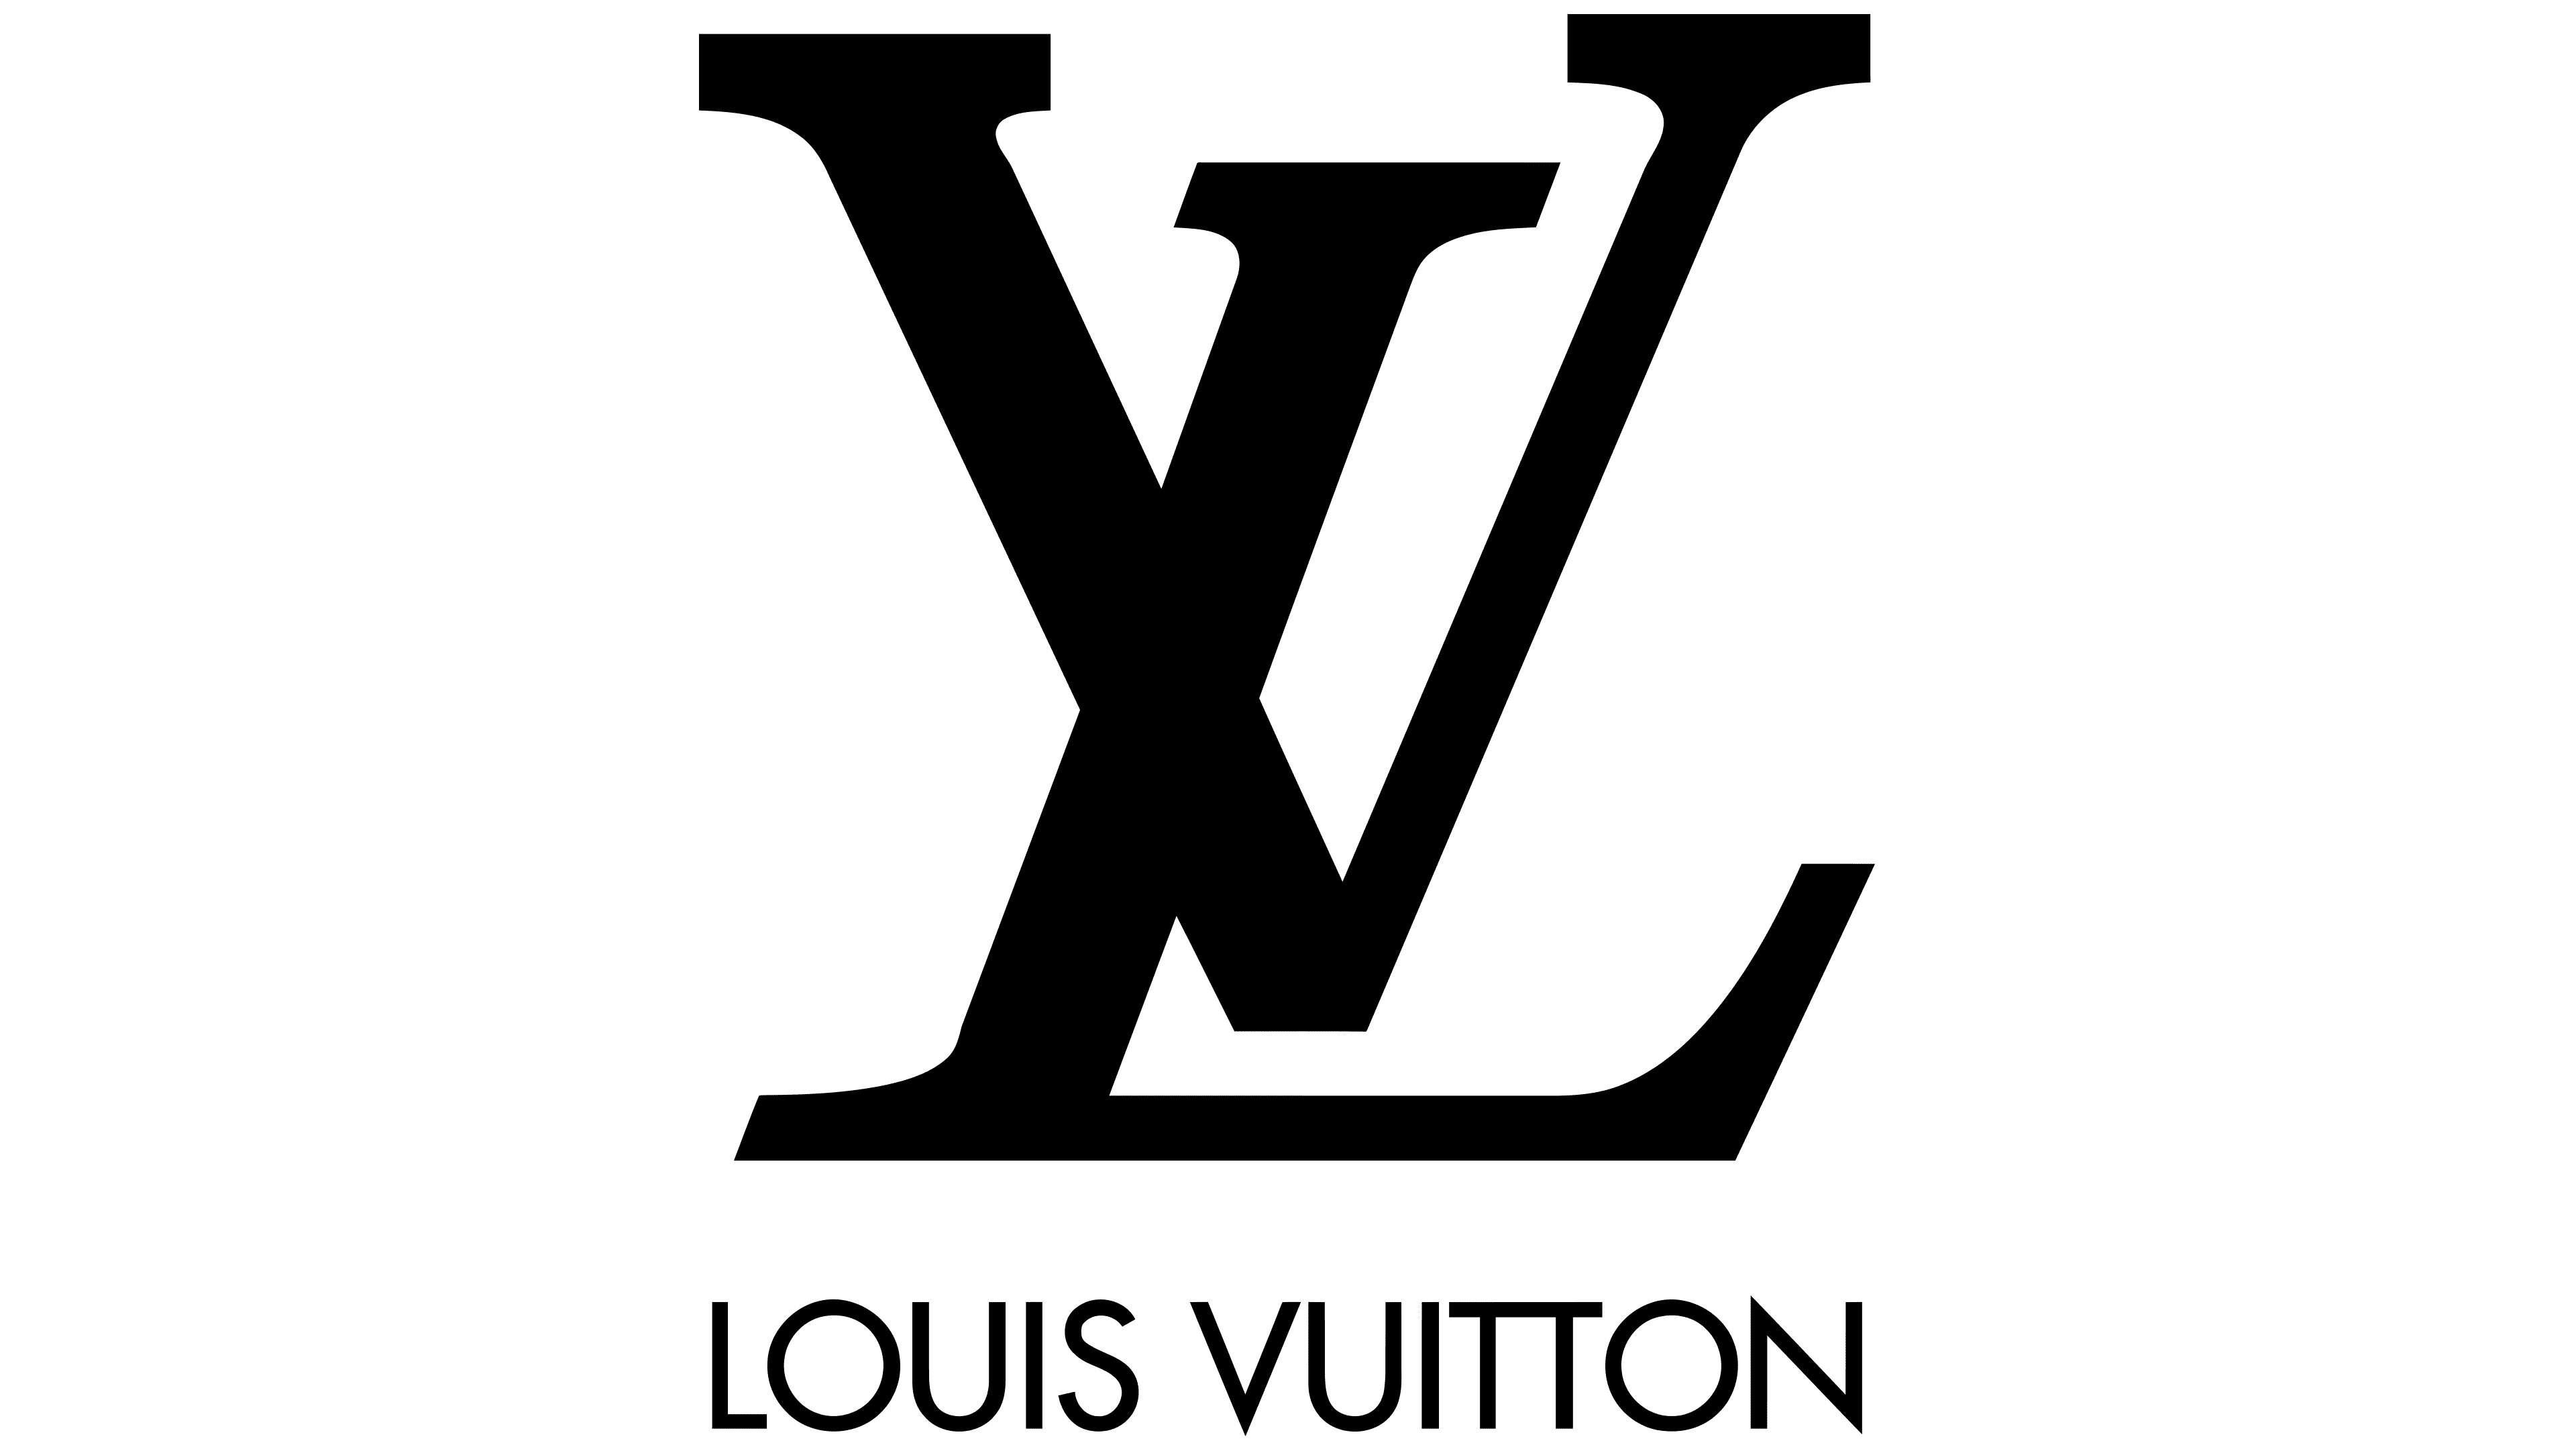 Bernard Arnault becomes world's richest person